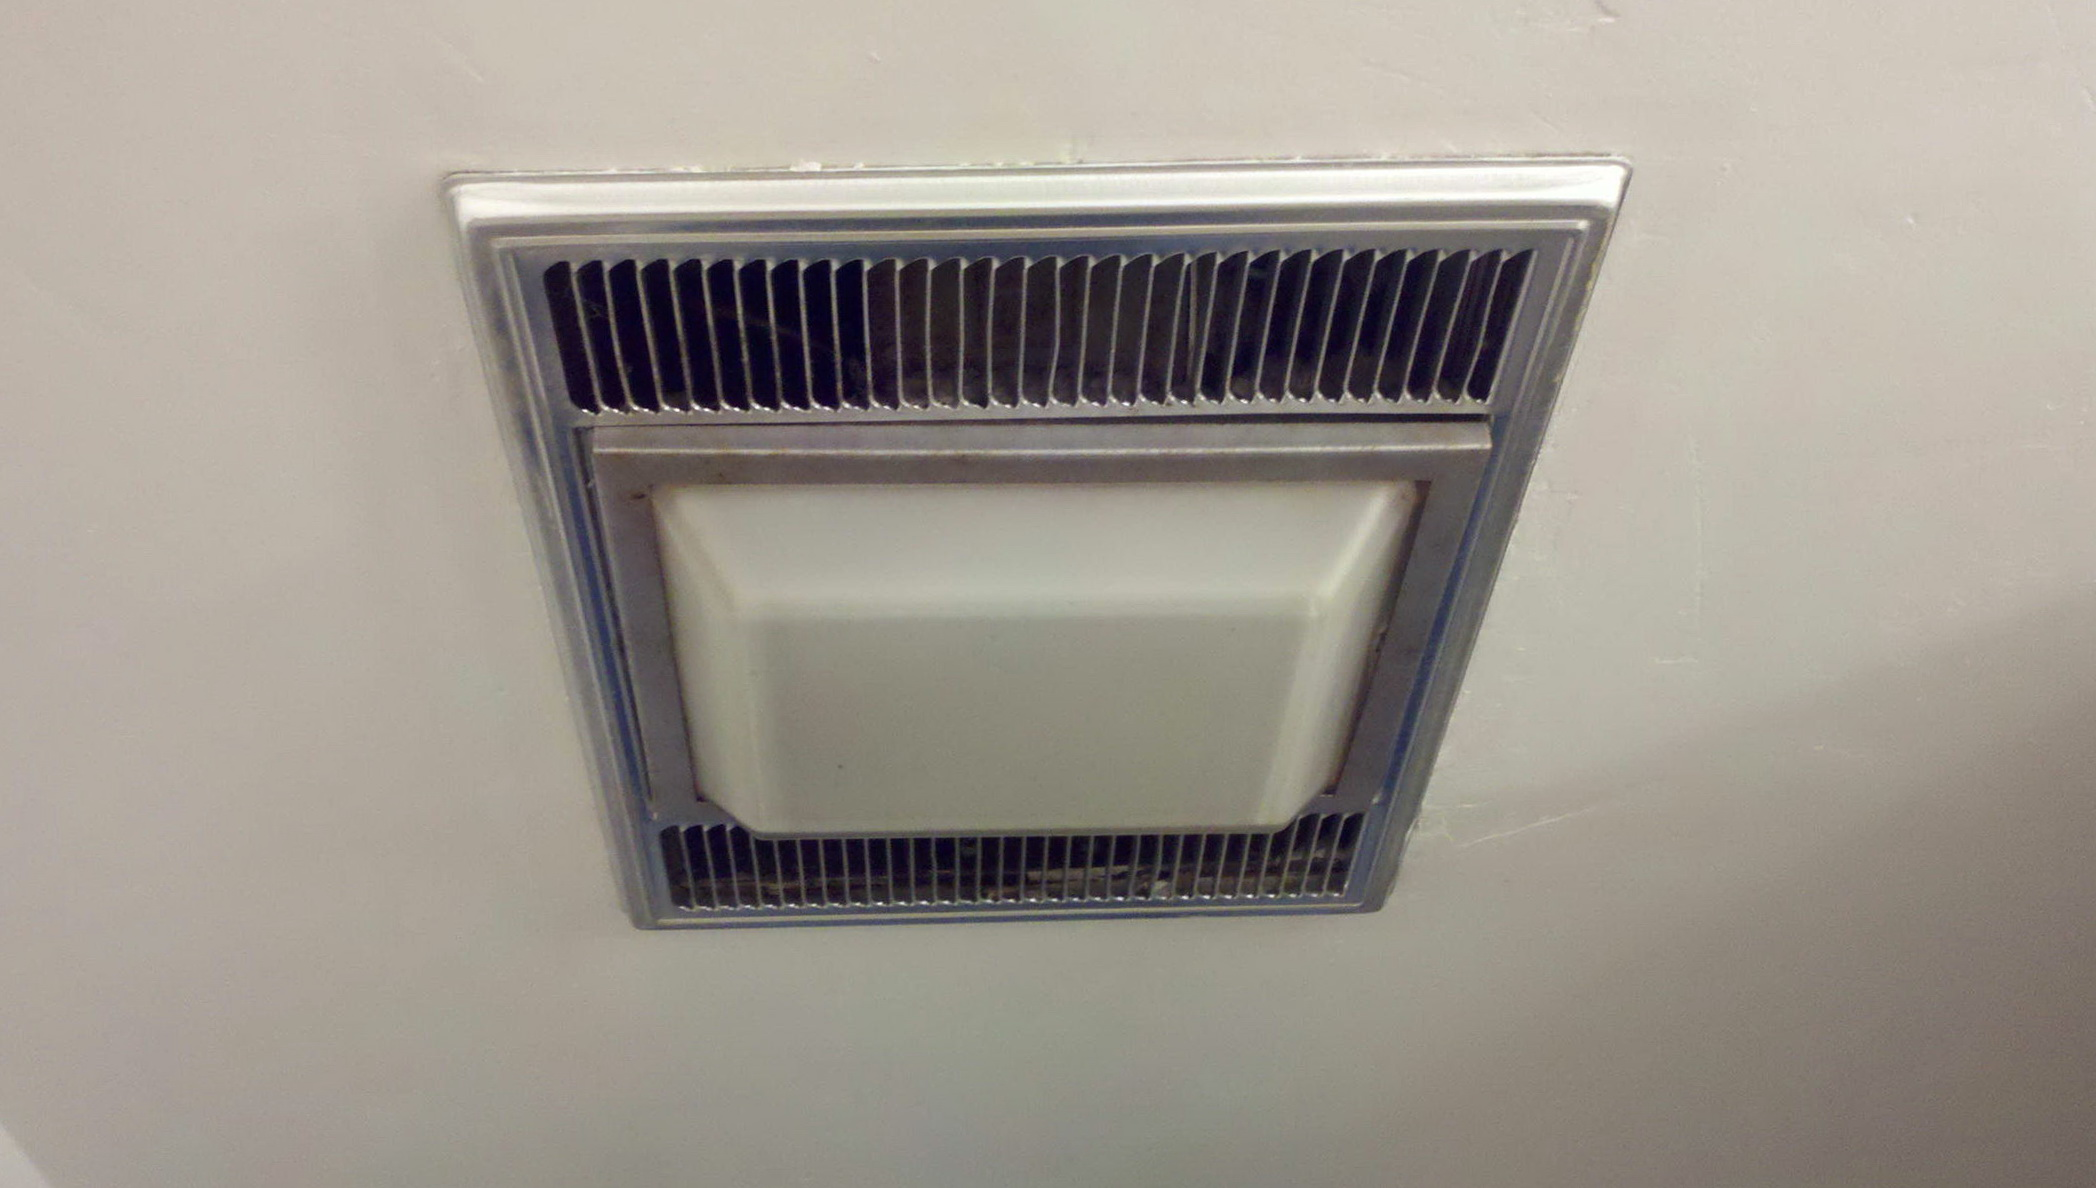 Broan Bathroom Fan Upgrade Kit